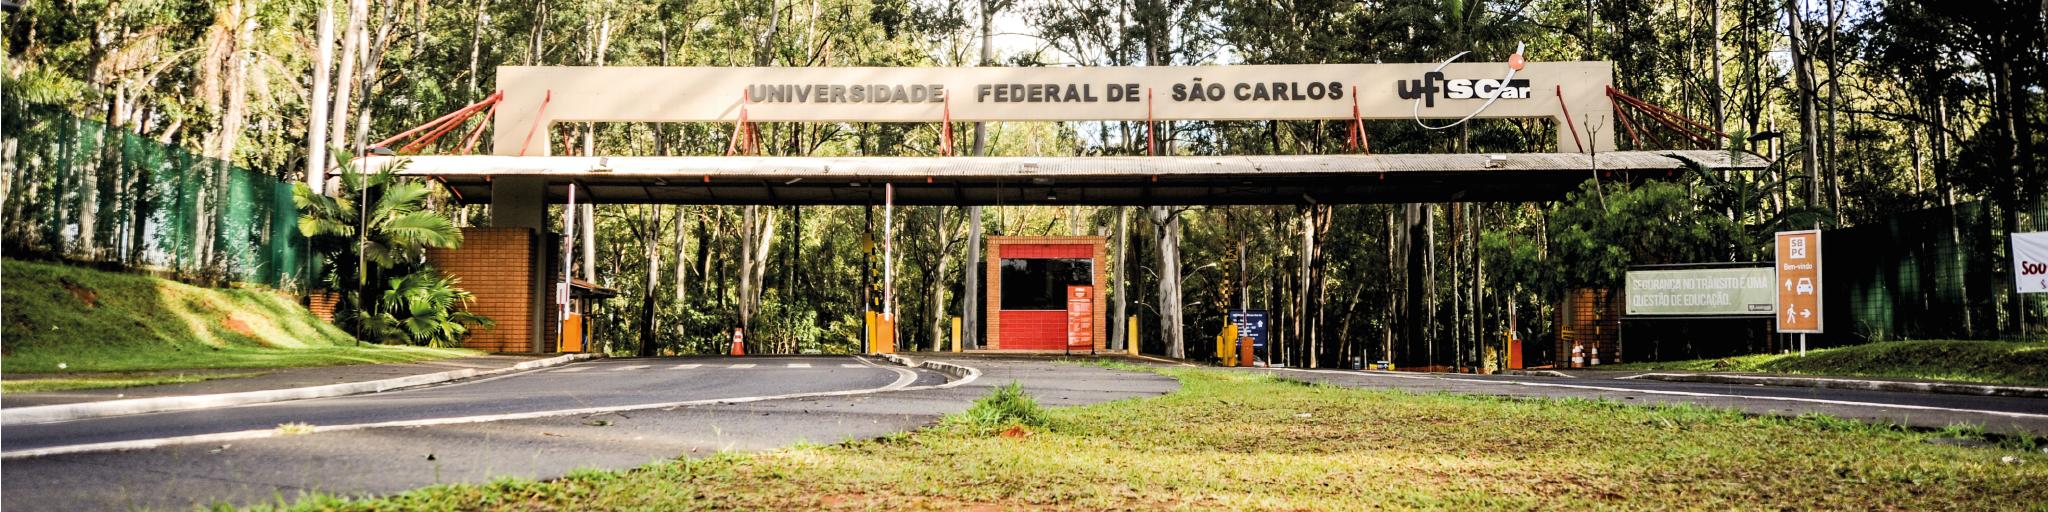 UFSCar - São Carlos